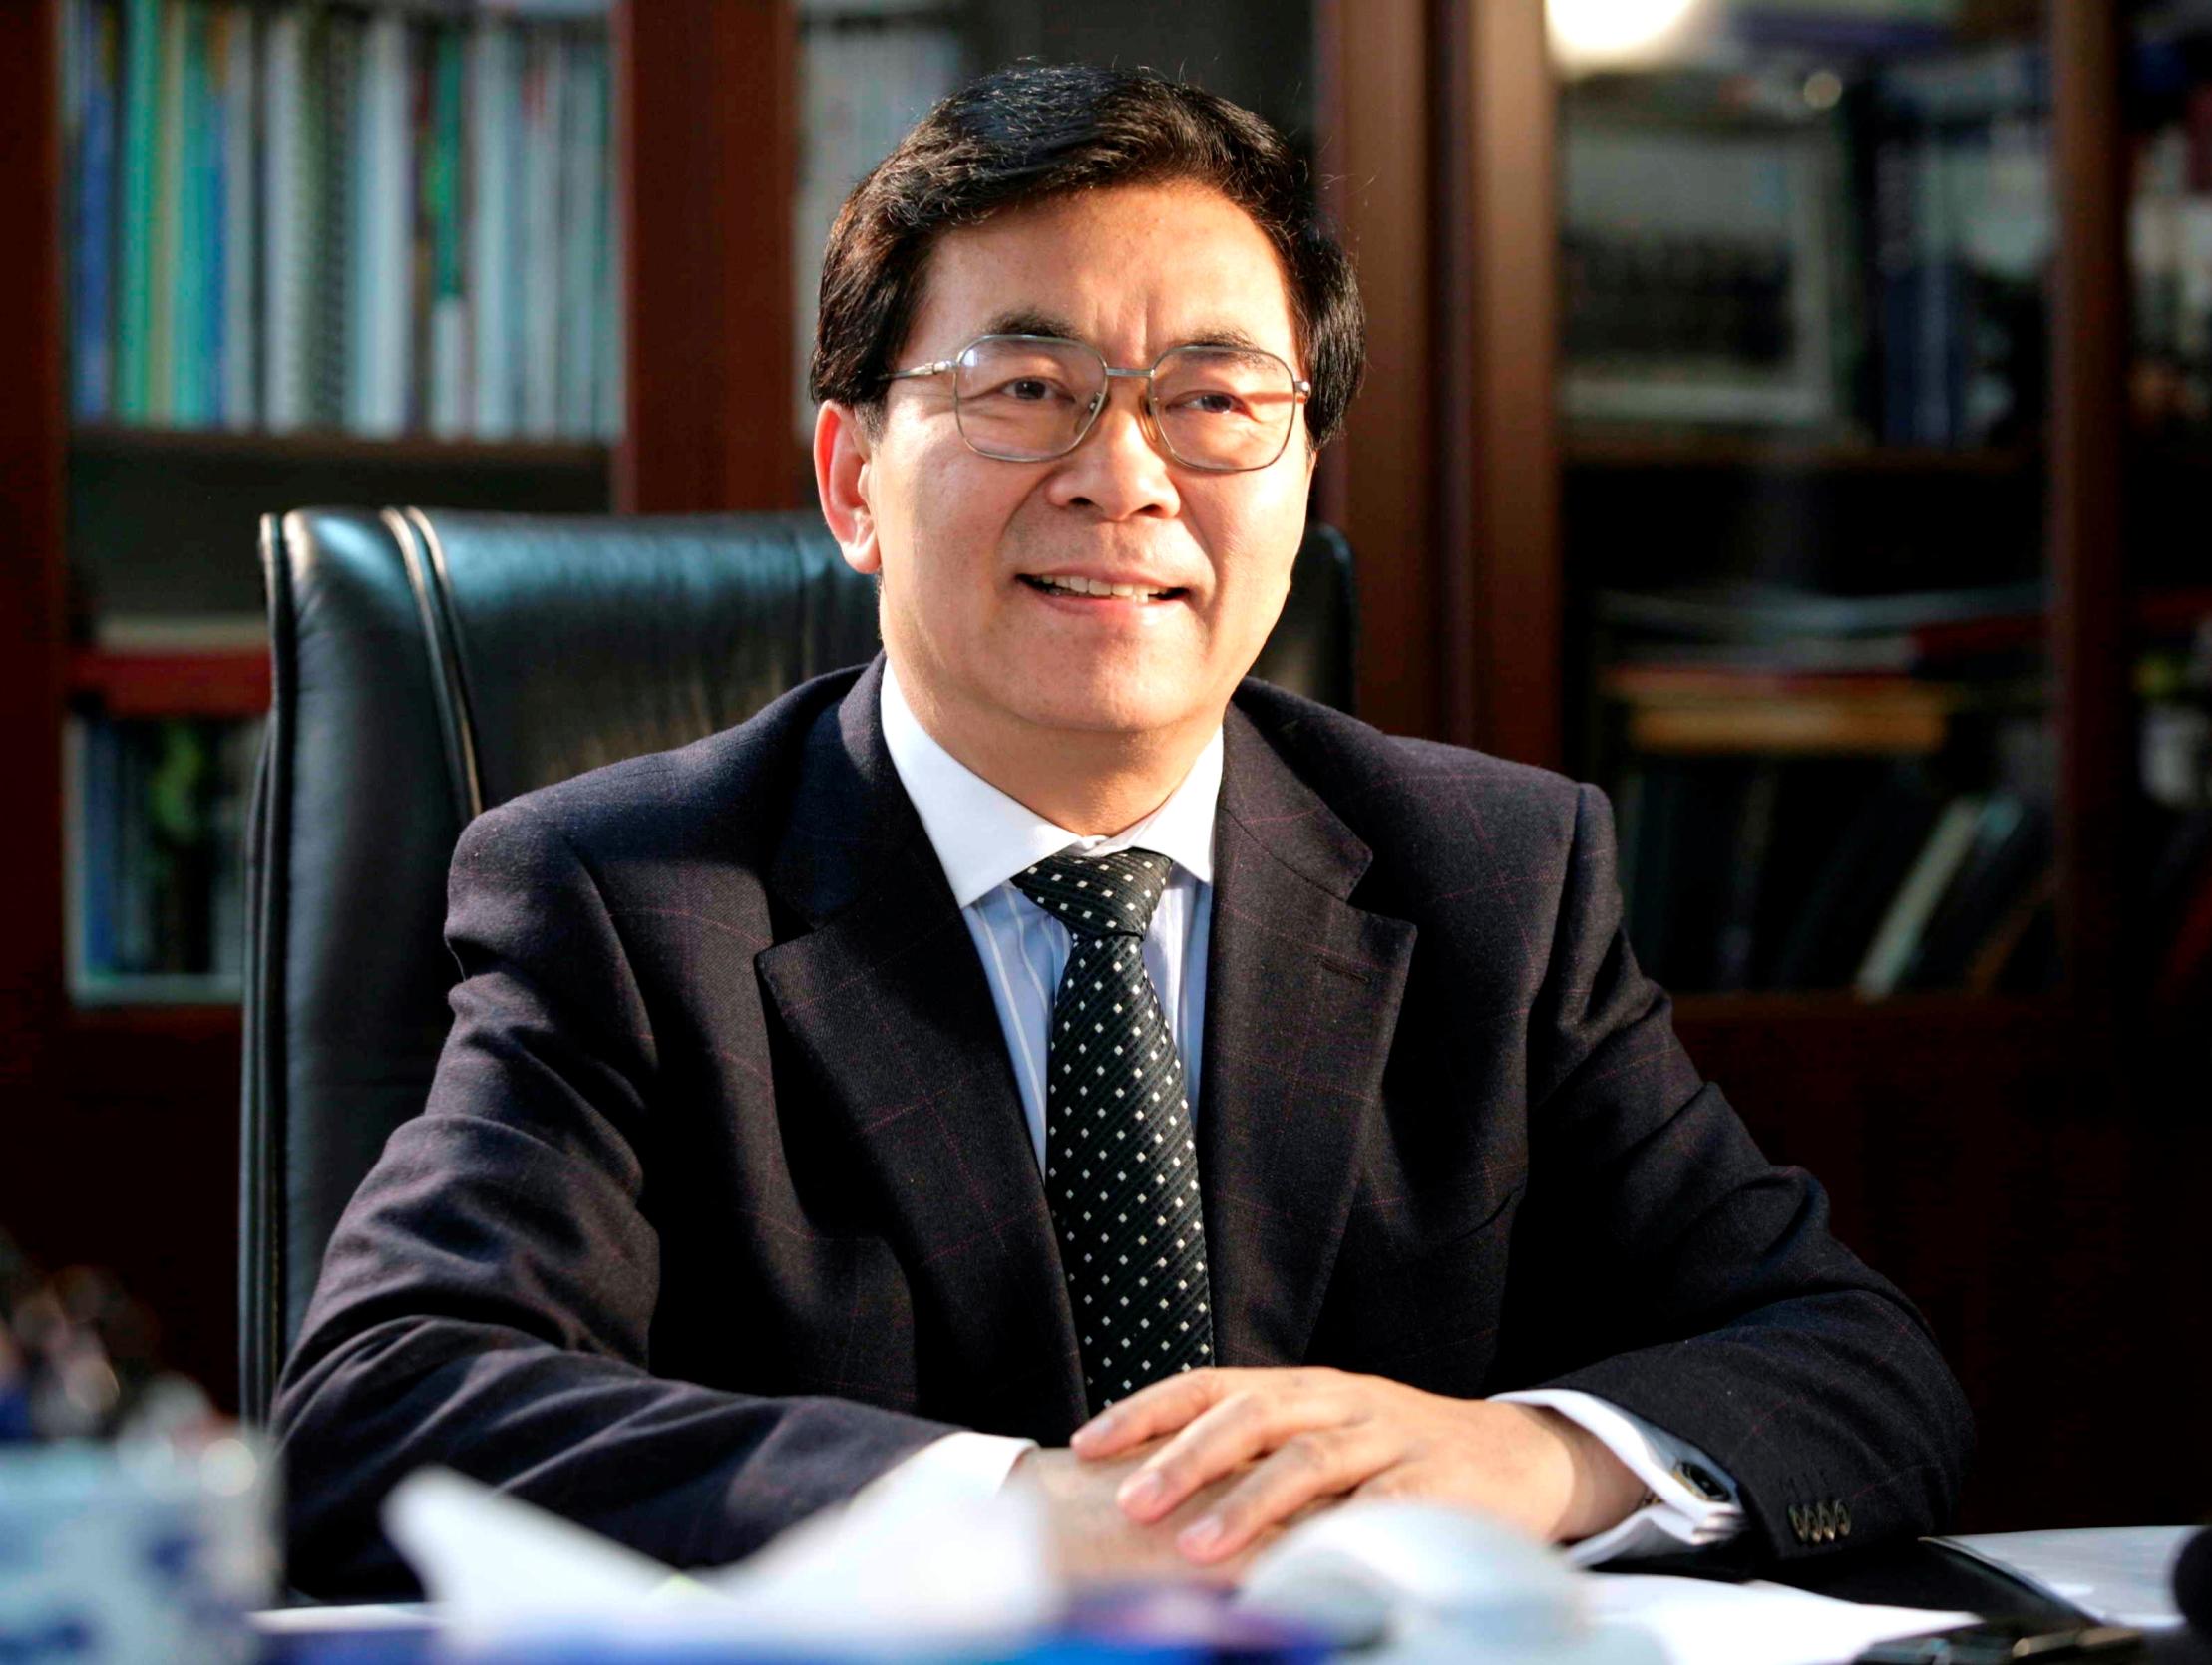 Prof. BAI Chunli